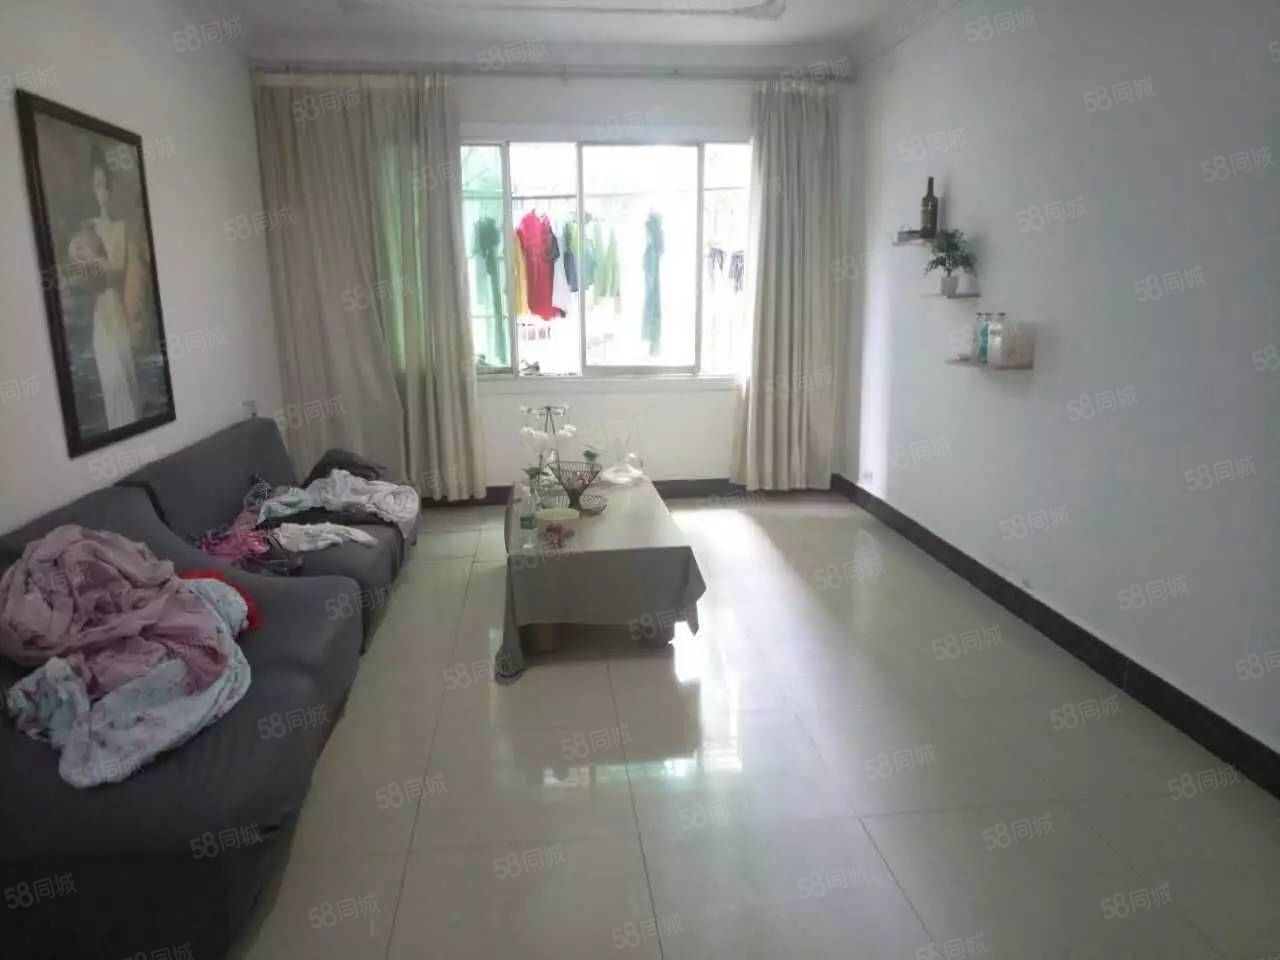 《新家园房产》金滩华夏医院旁,三室二厅,拎包入住,关门卖。